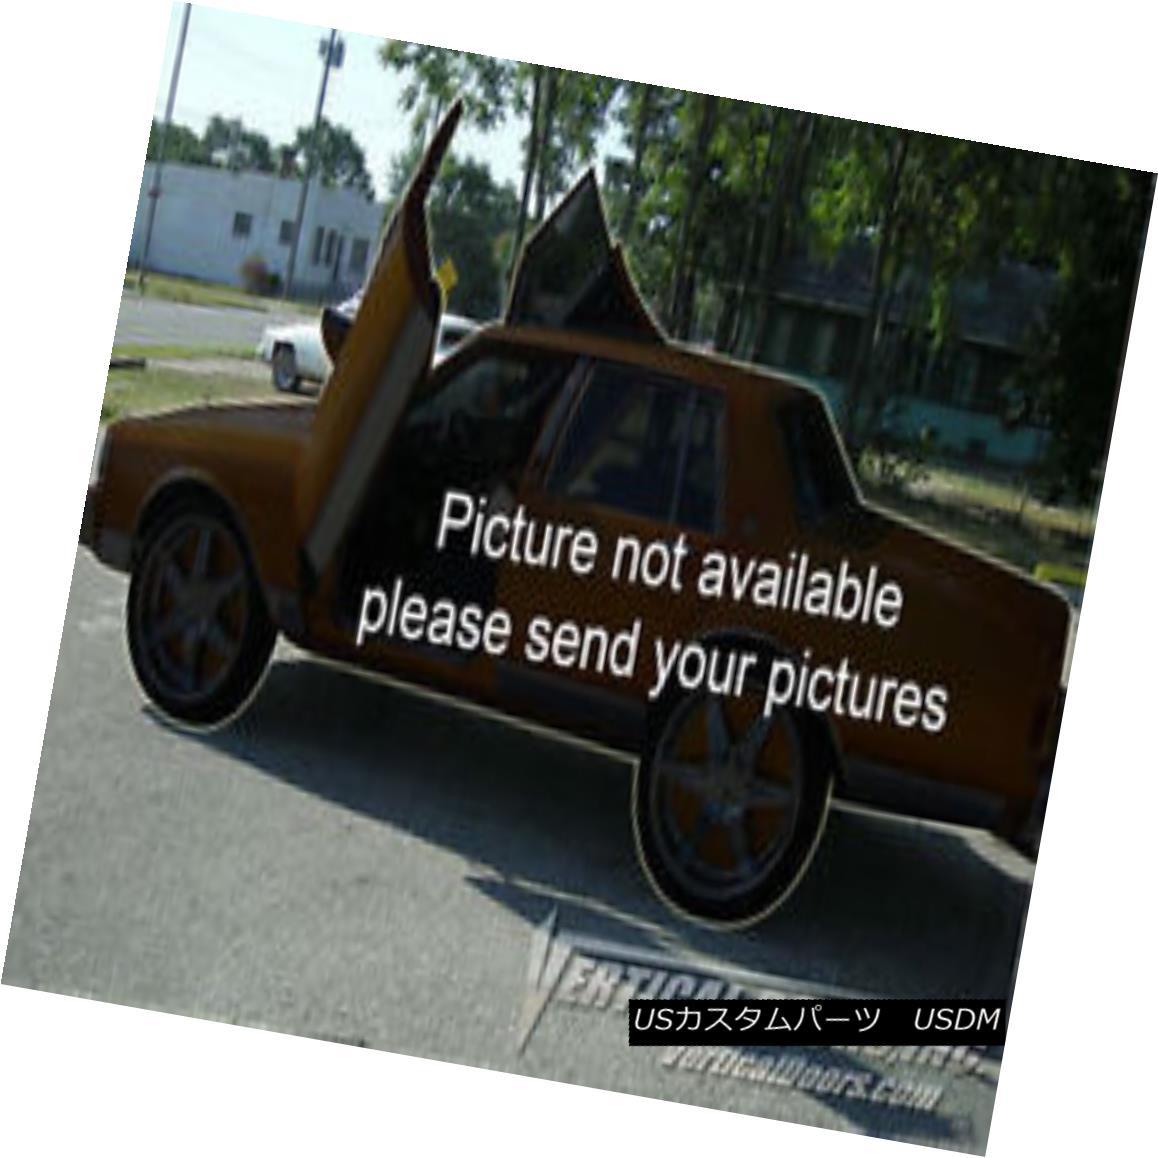 ガルウィングキット VDI Pontiac Safari Wagon 1977-1990 Bolt-On Vertical Lambo Doors VDI Pontiac Safari Wagon 1977-1990 Bolt-On Vertical Lambo Doors